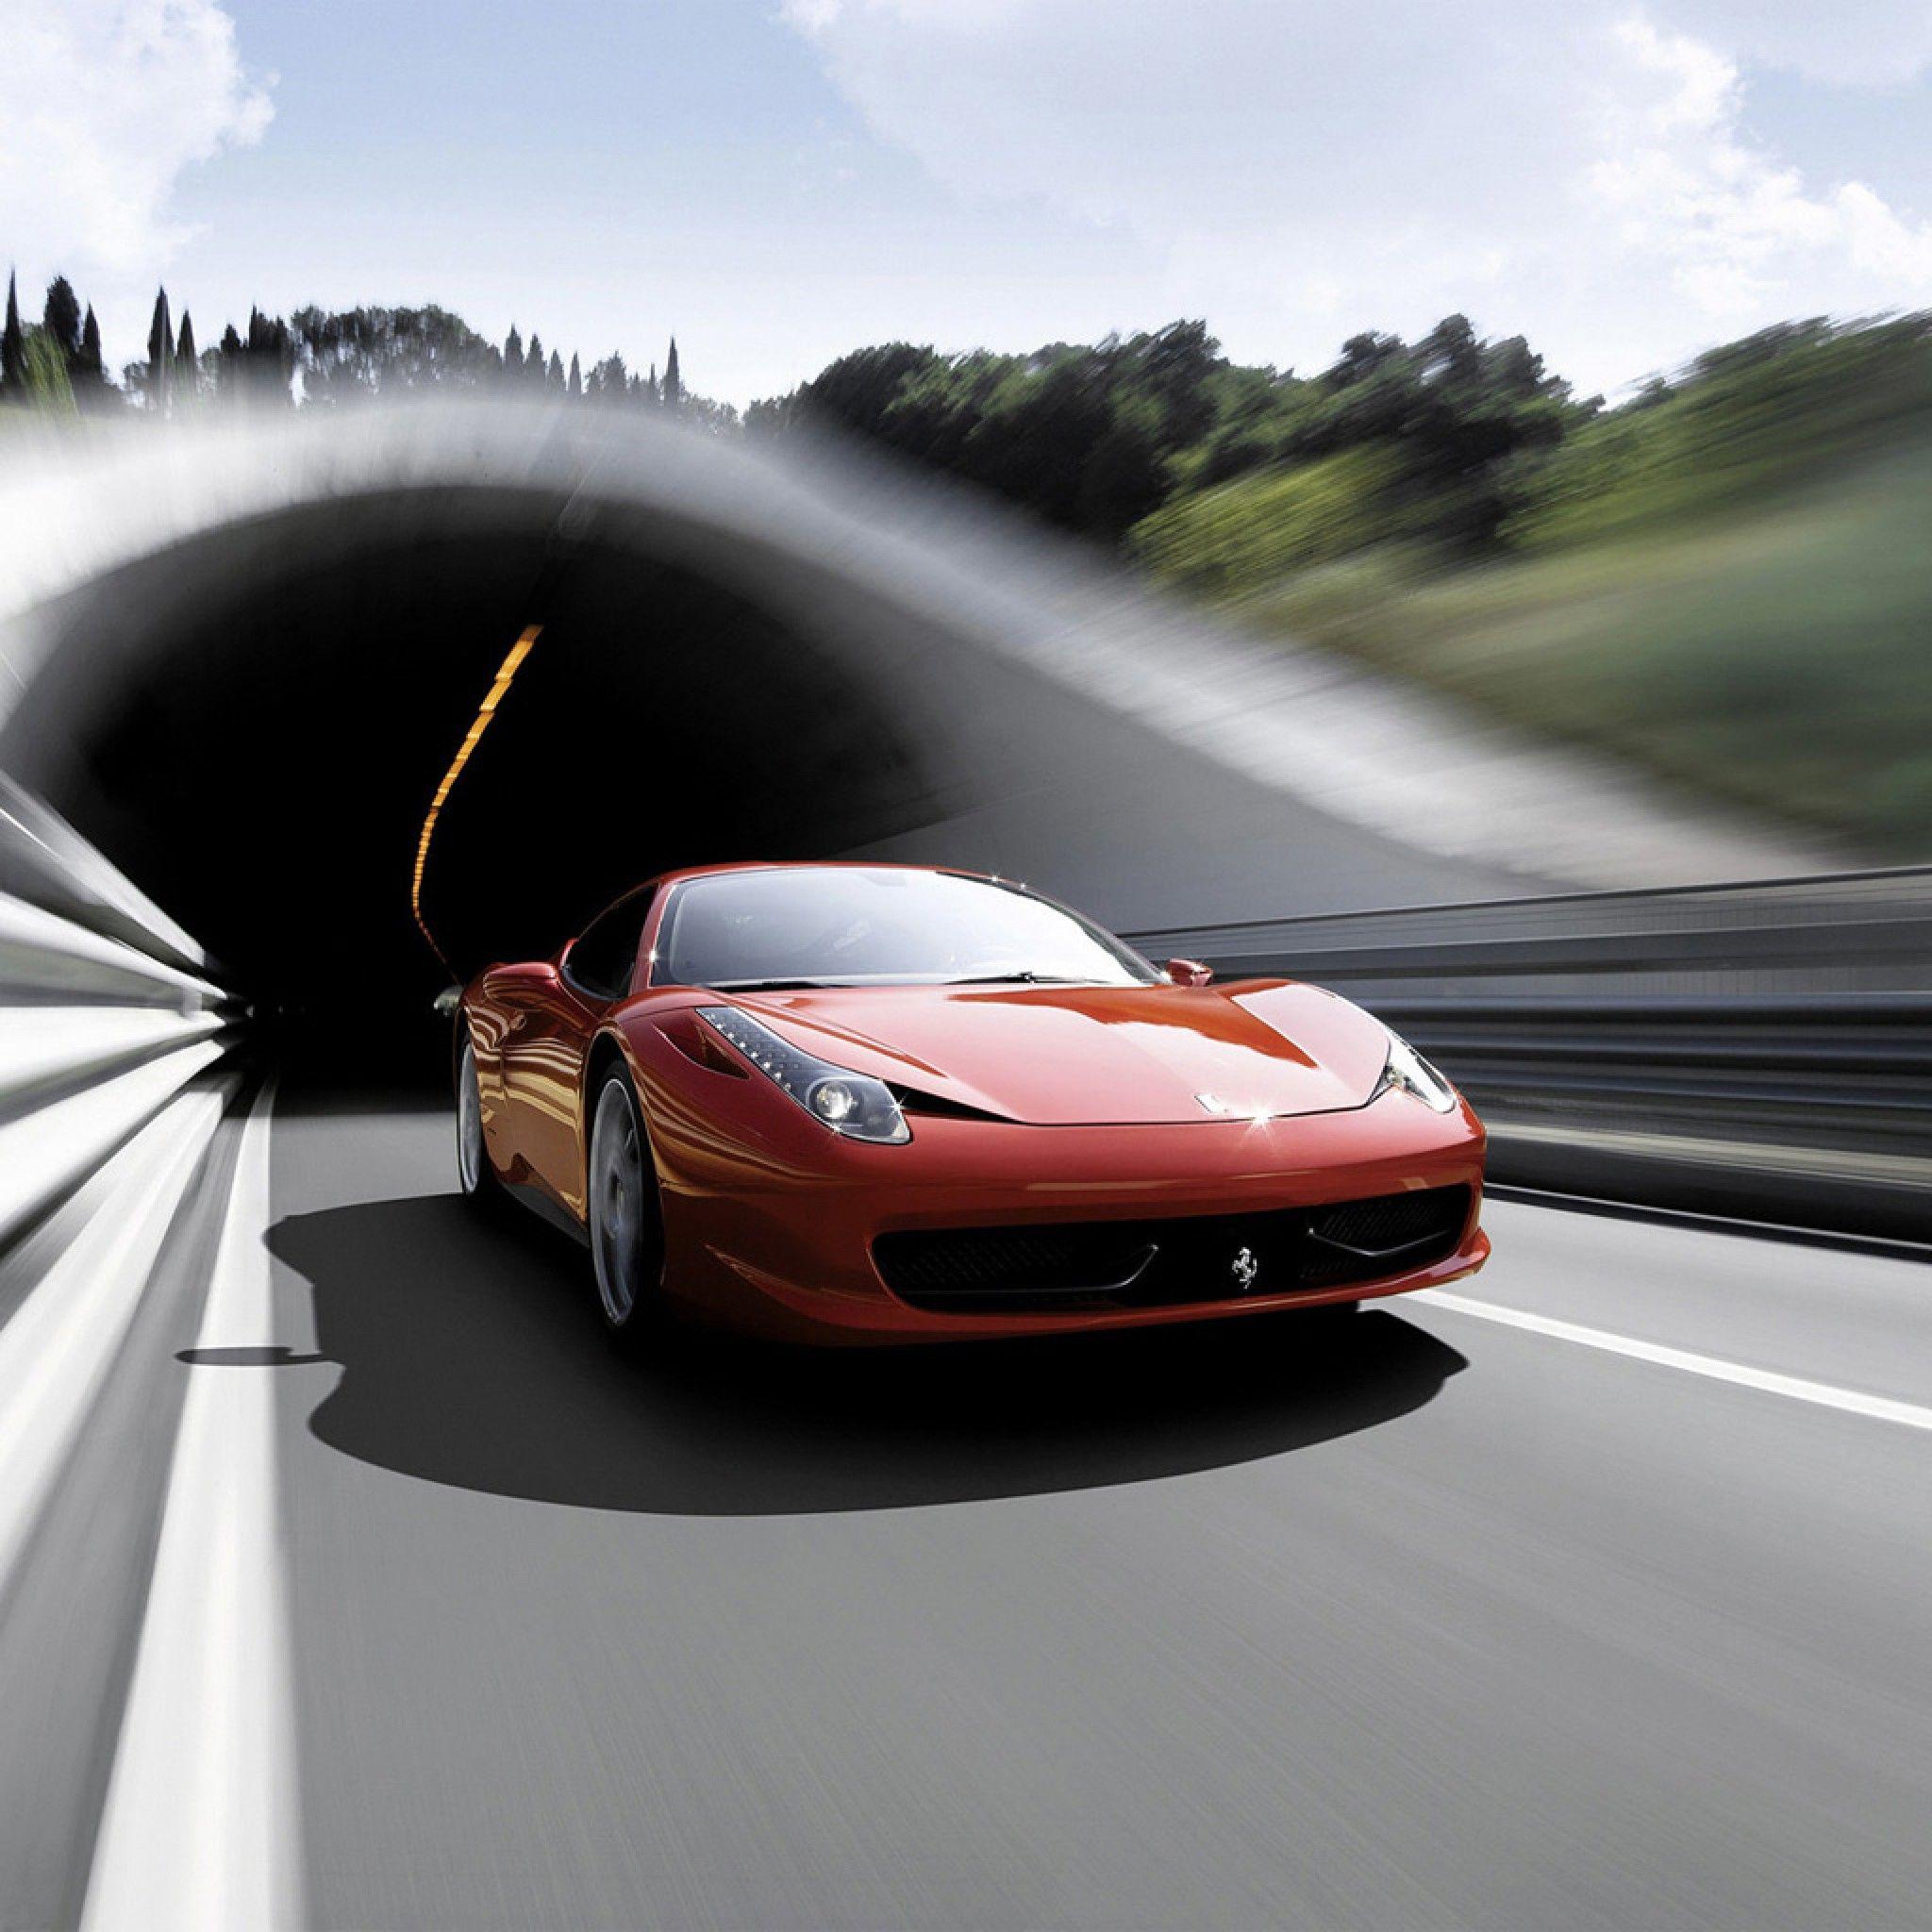 Cool #Ferrari 458 #Car #iPad Air #Wallpaper ~ #iPadAir2 #iPadAir